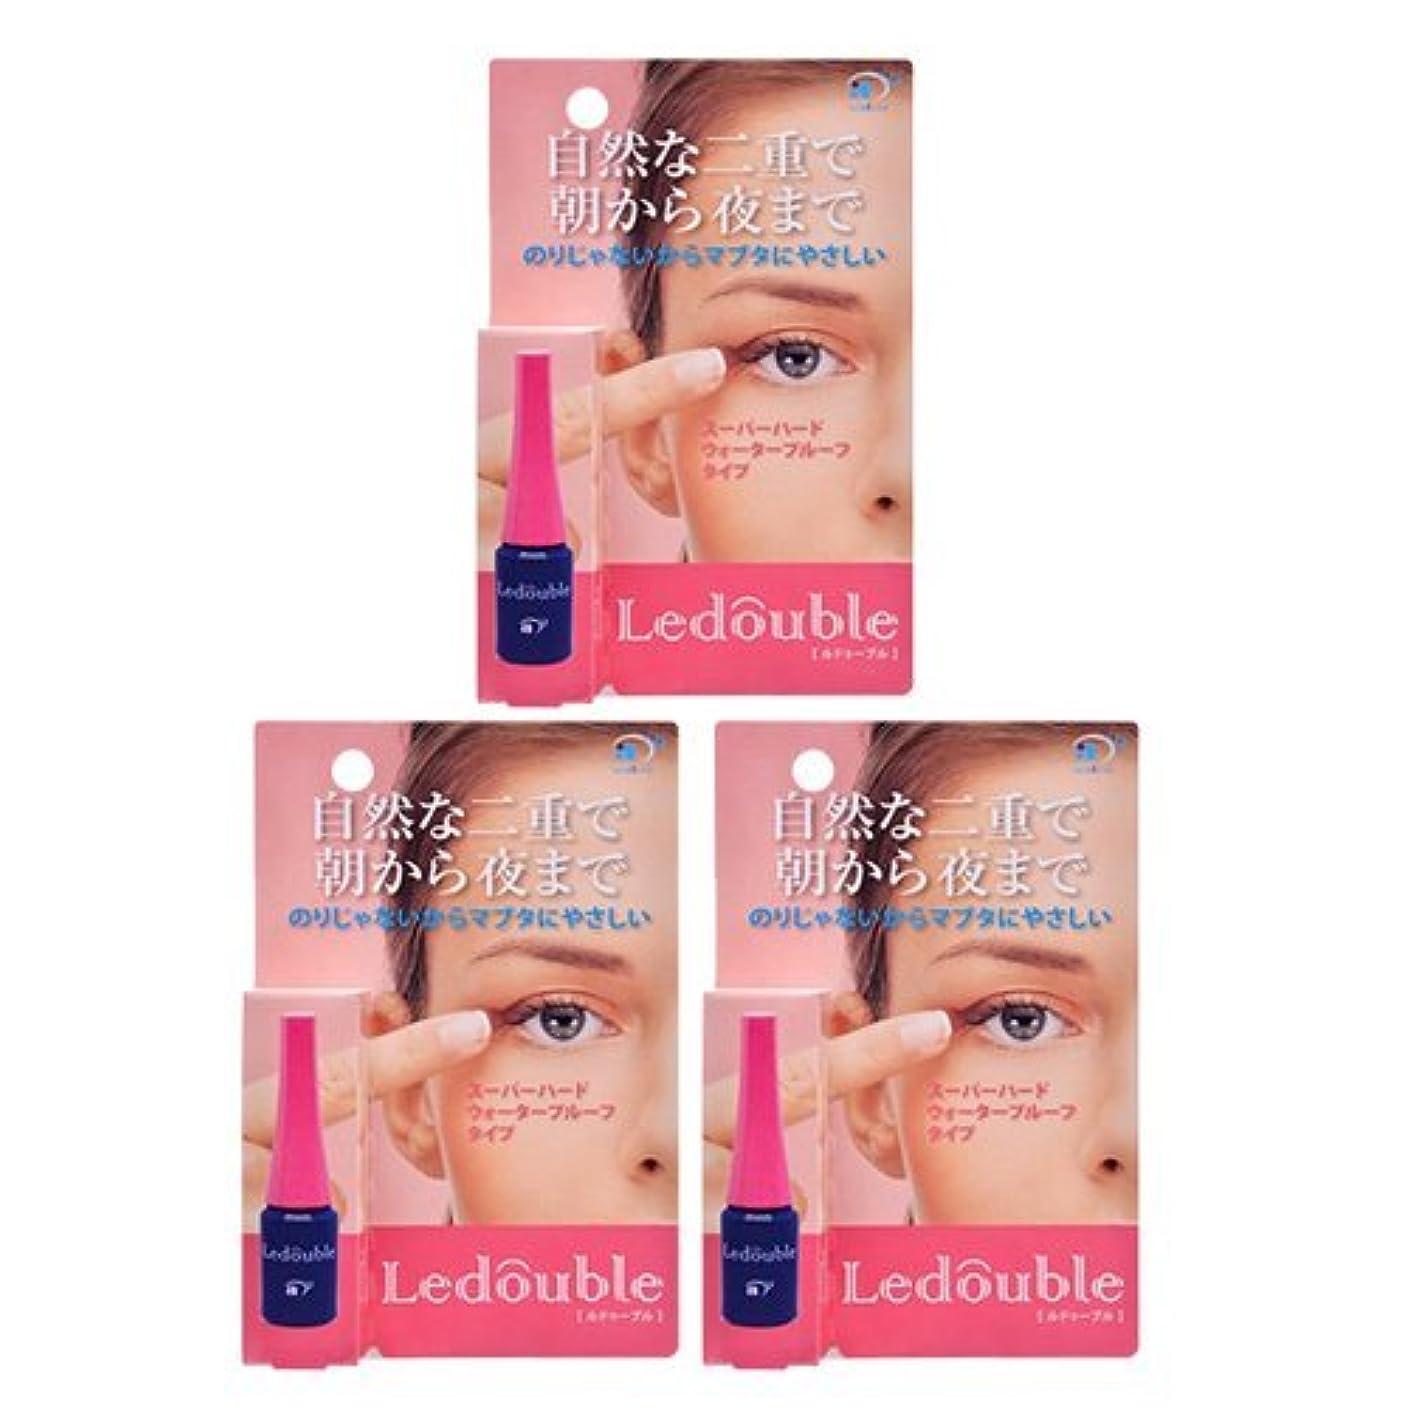 赤面デッドロック灰Ledouble [ルドゥーブル] 二重まぶた化粧品 (2mL)×3個セット